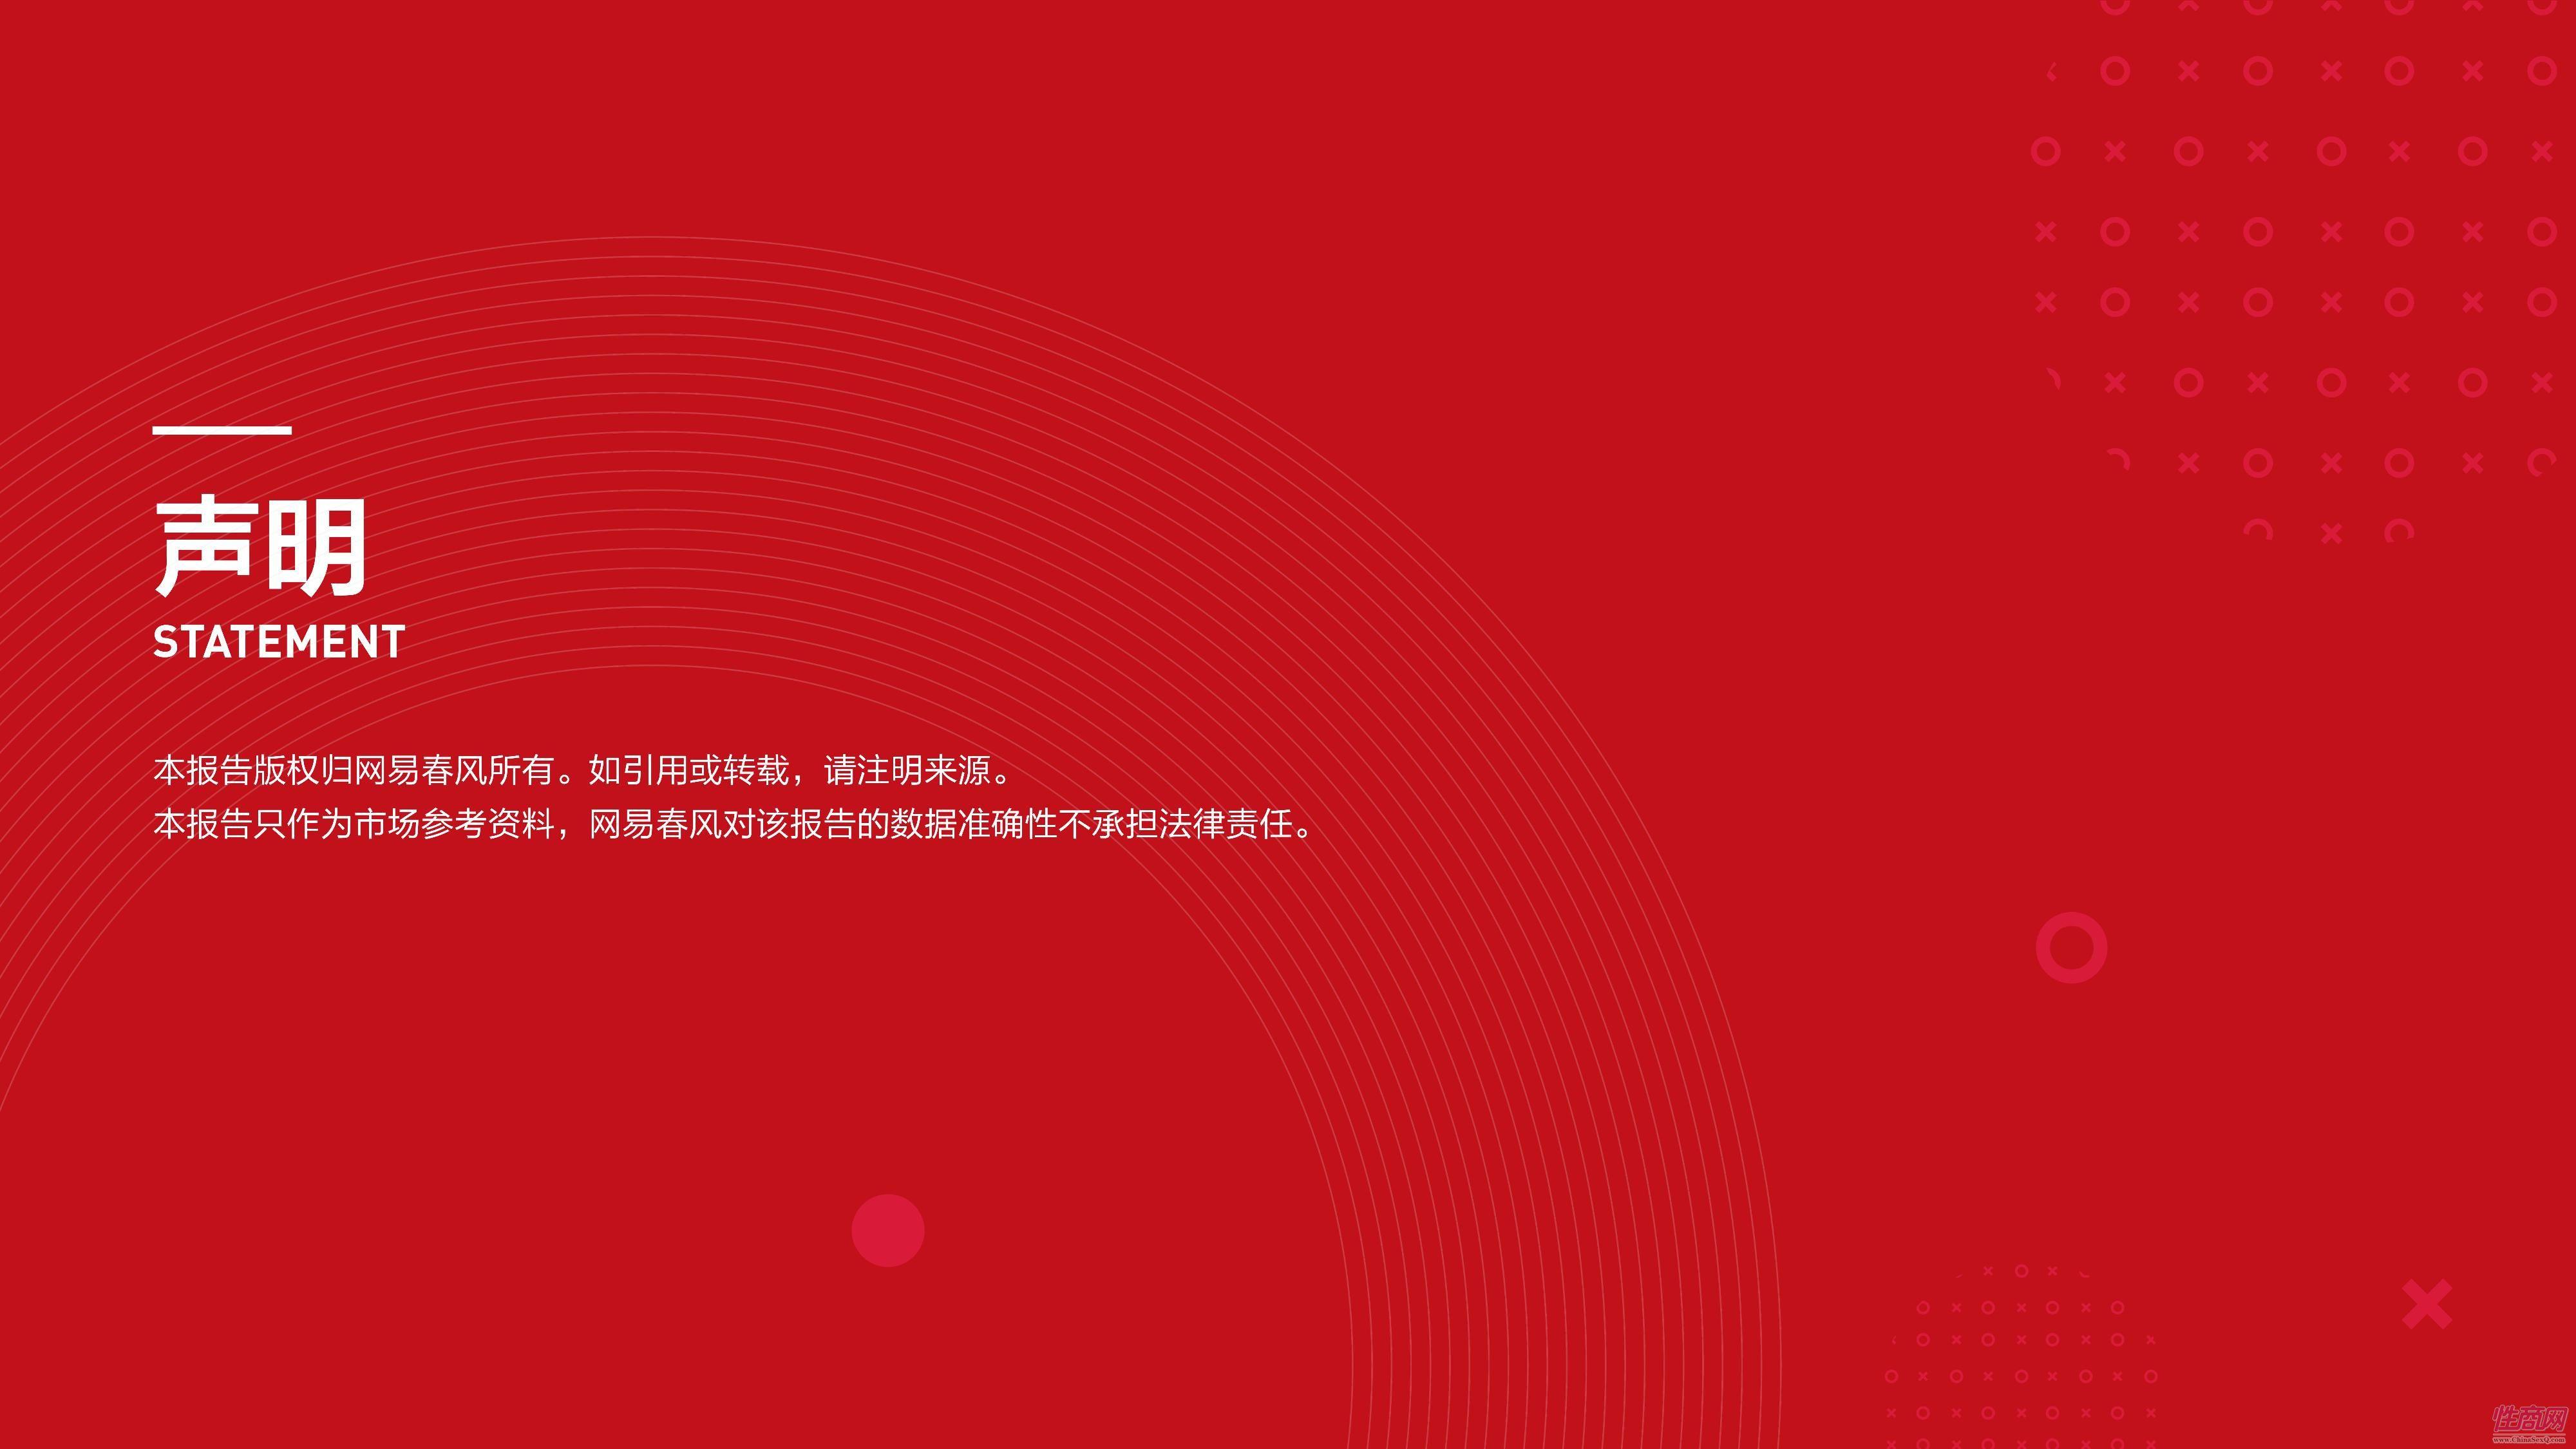 18中国8090性福报告 (52)